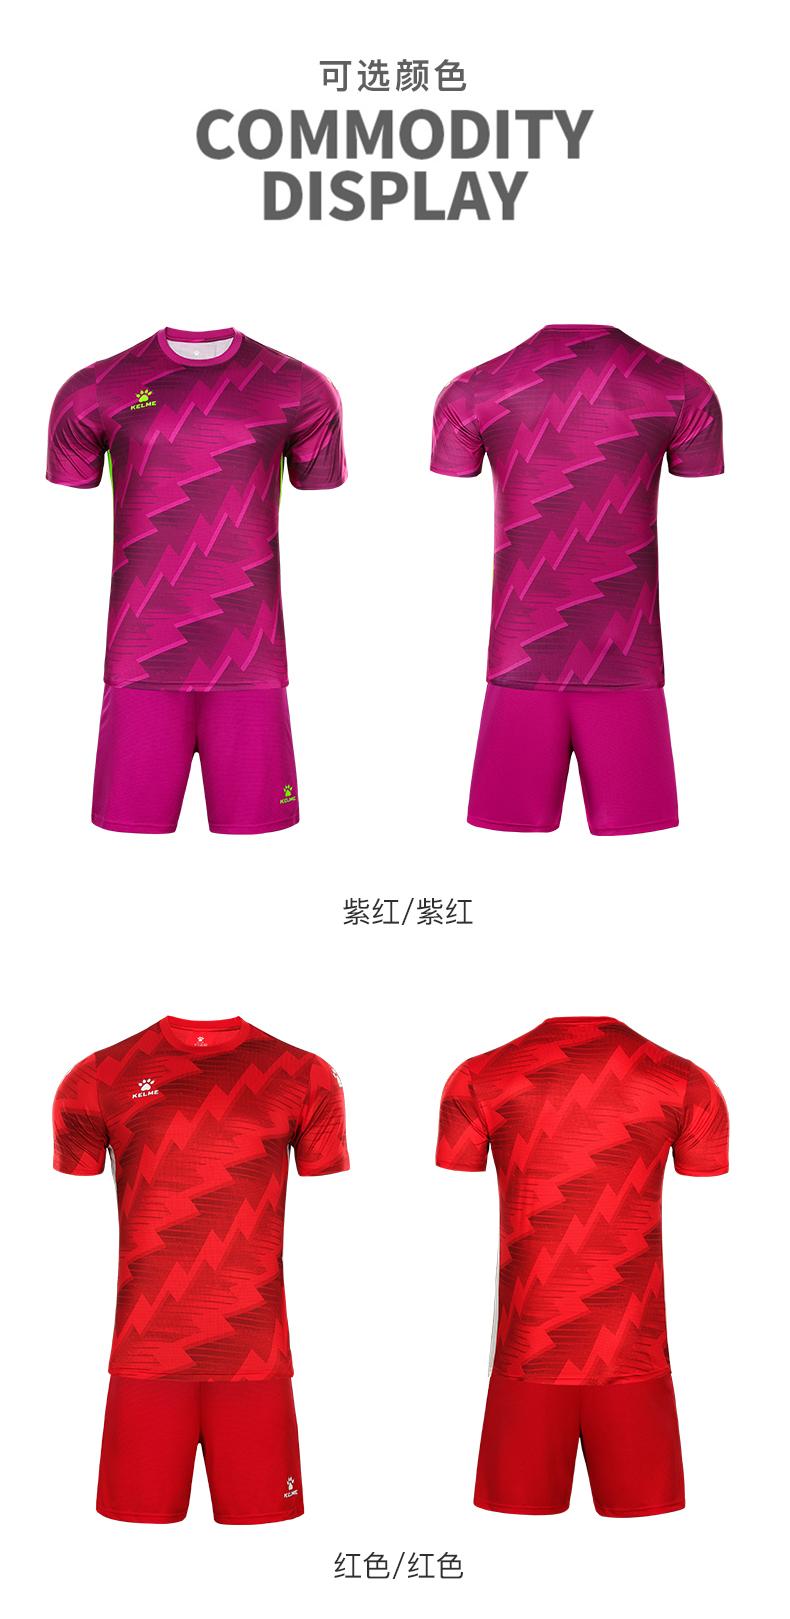 KELME卡尔美足球服套装男2021春夏新款比赛训练服短袖运动服